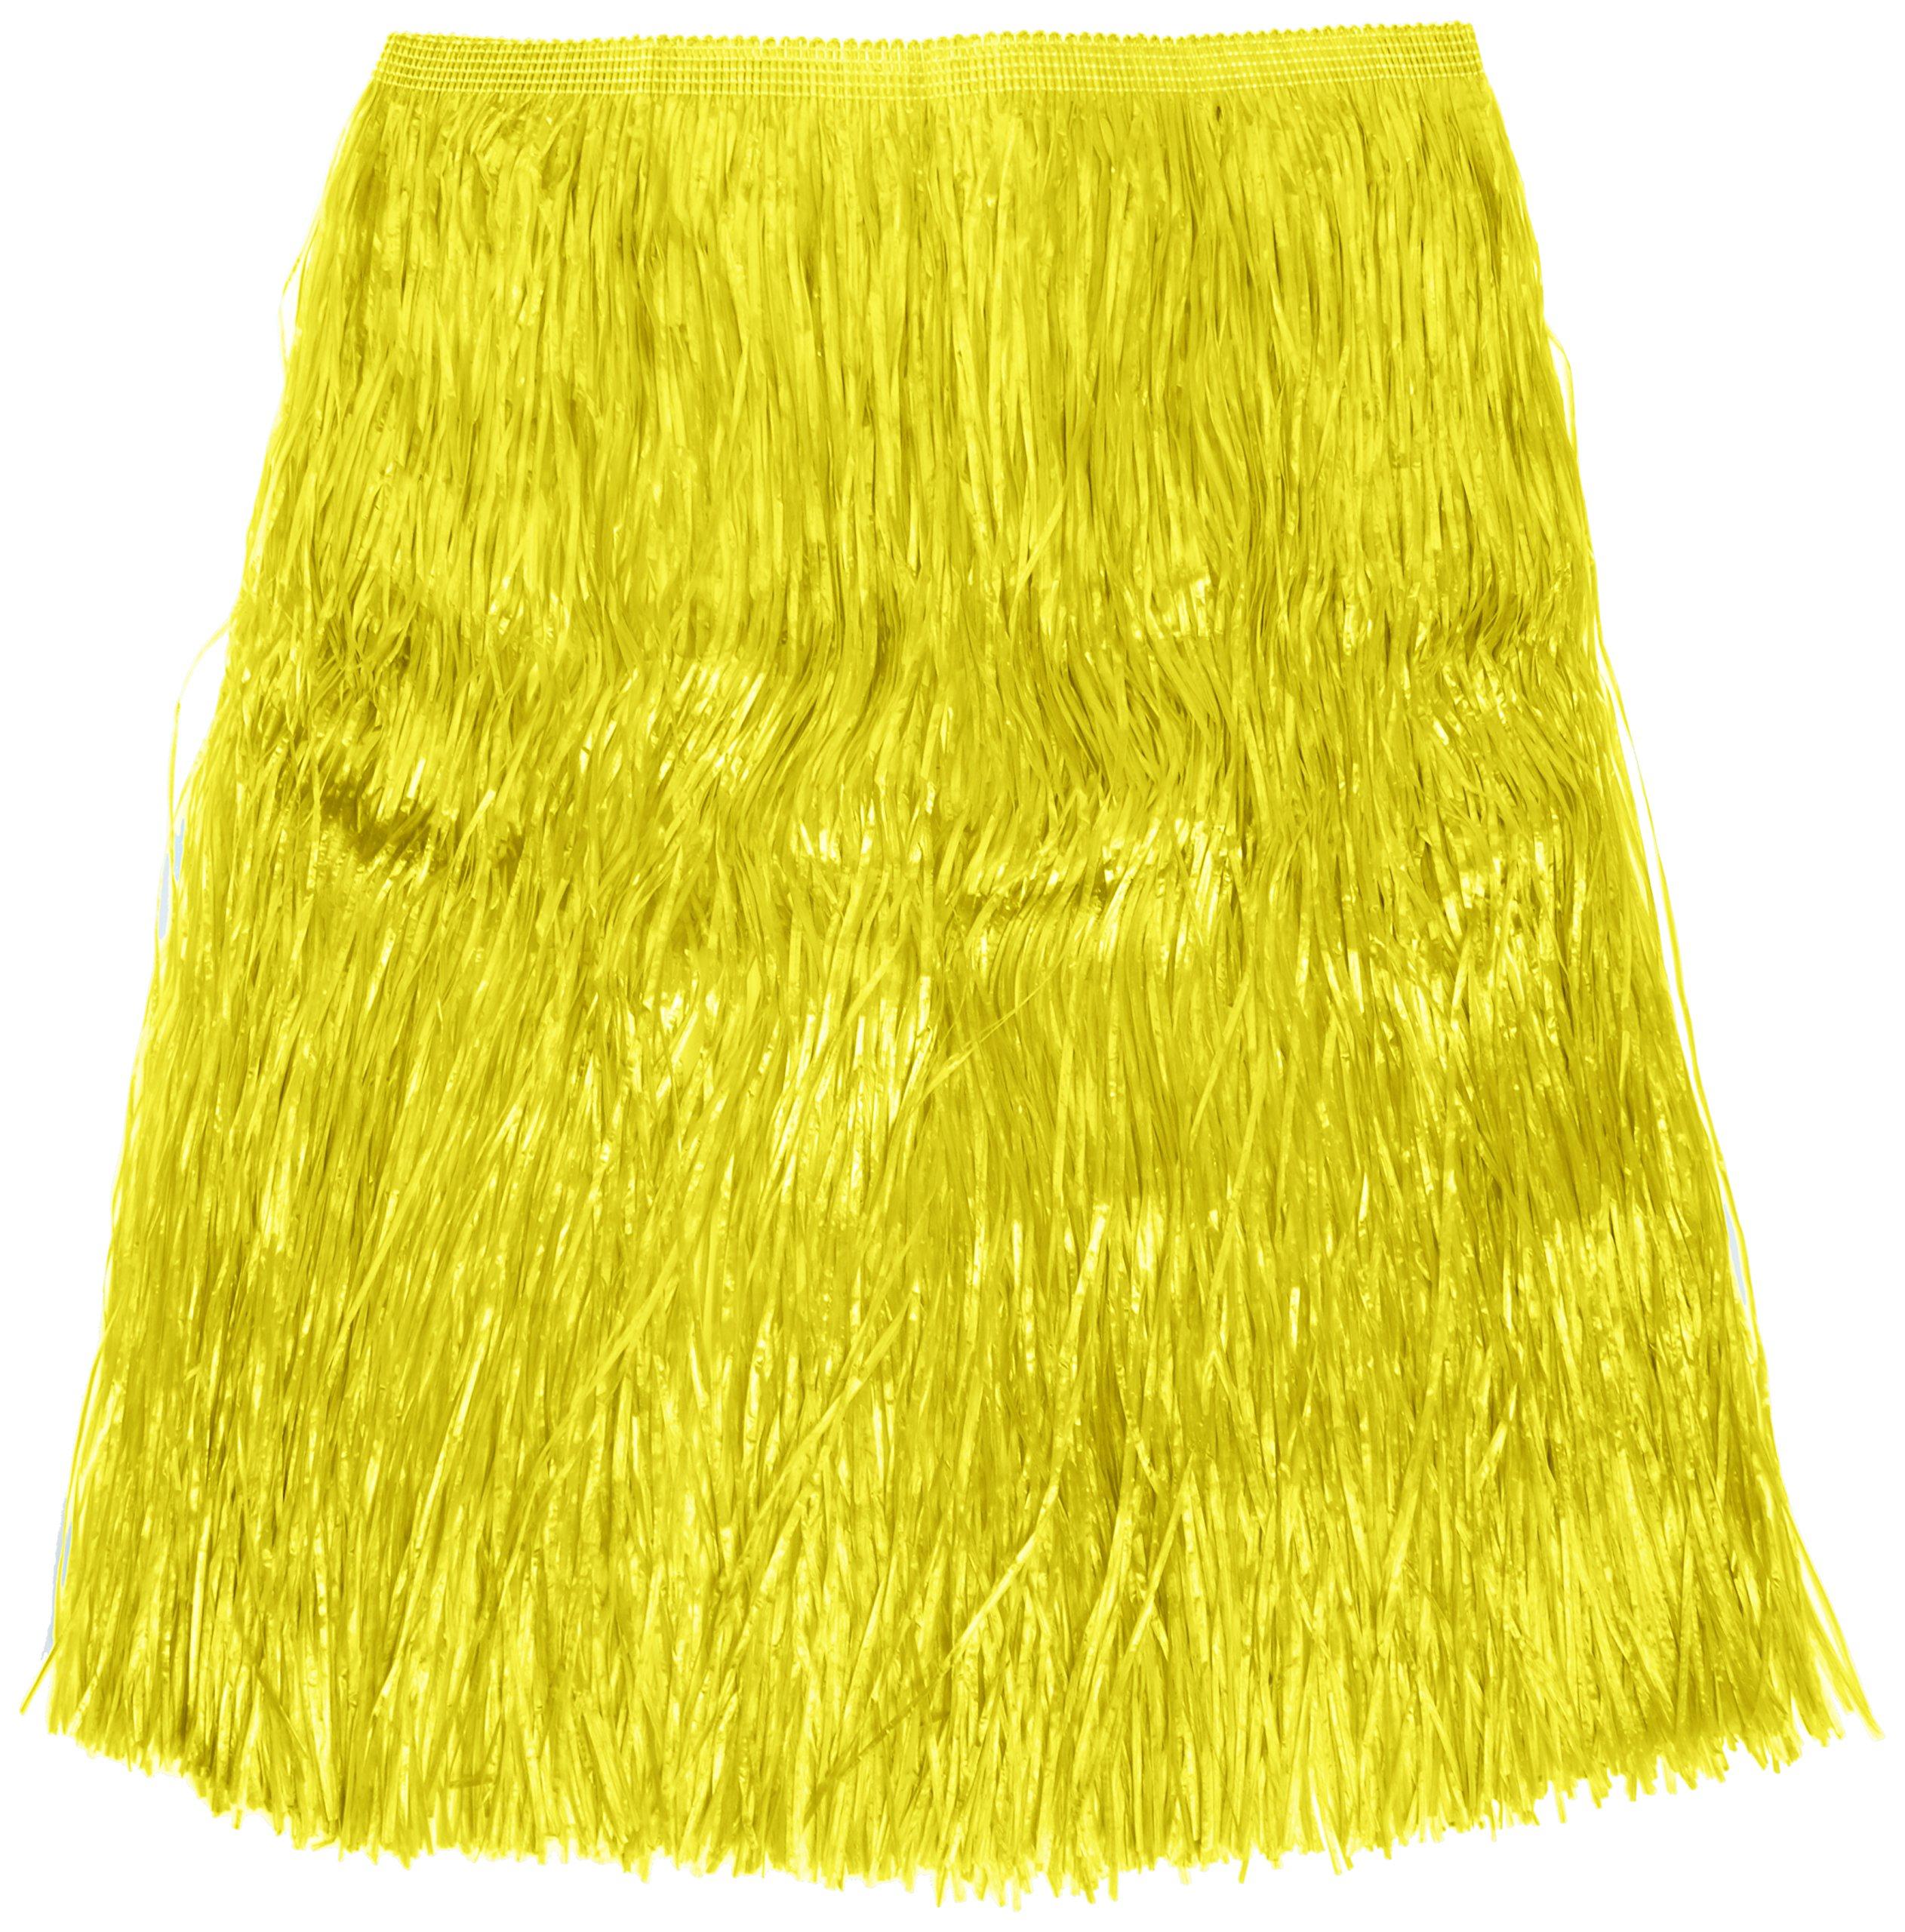 Verbetena - Falda Hawaiana rafia larga, color amarillo con velcro ...